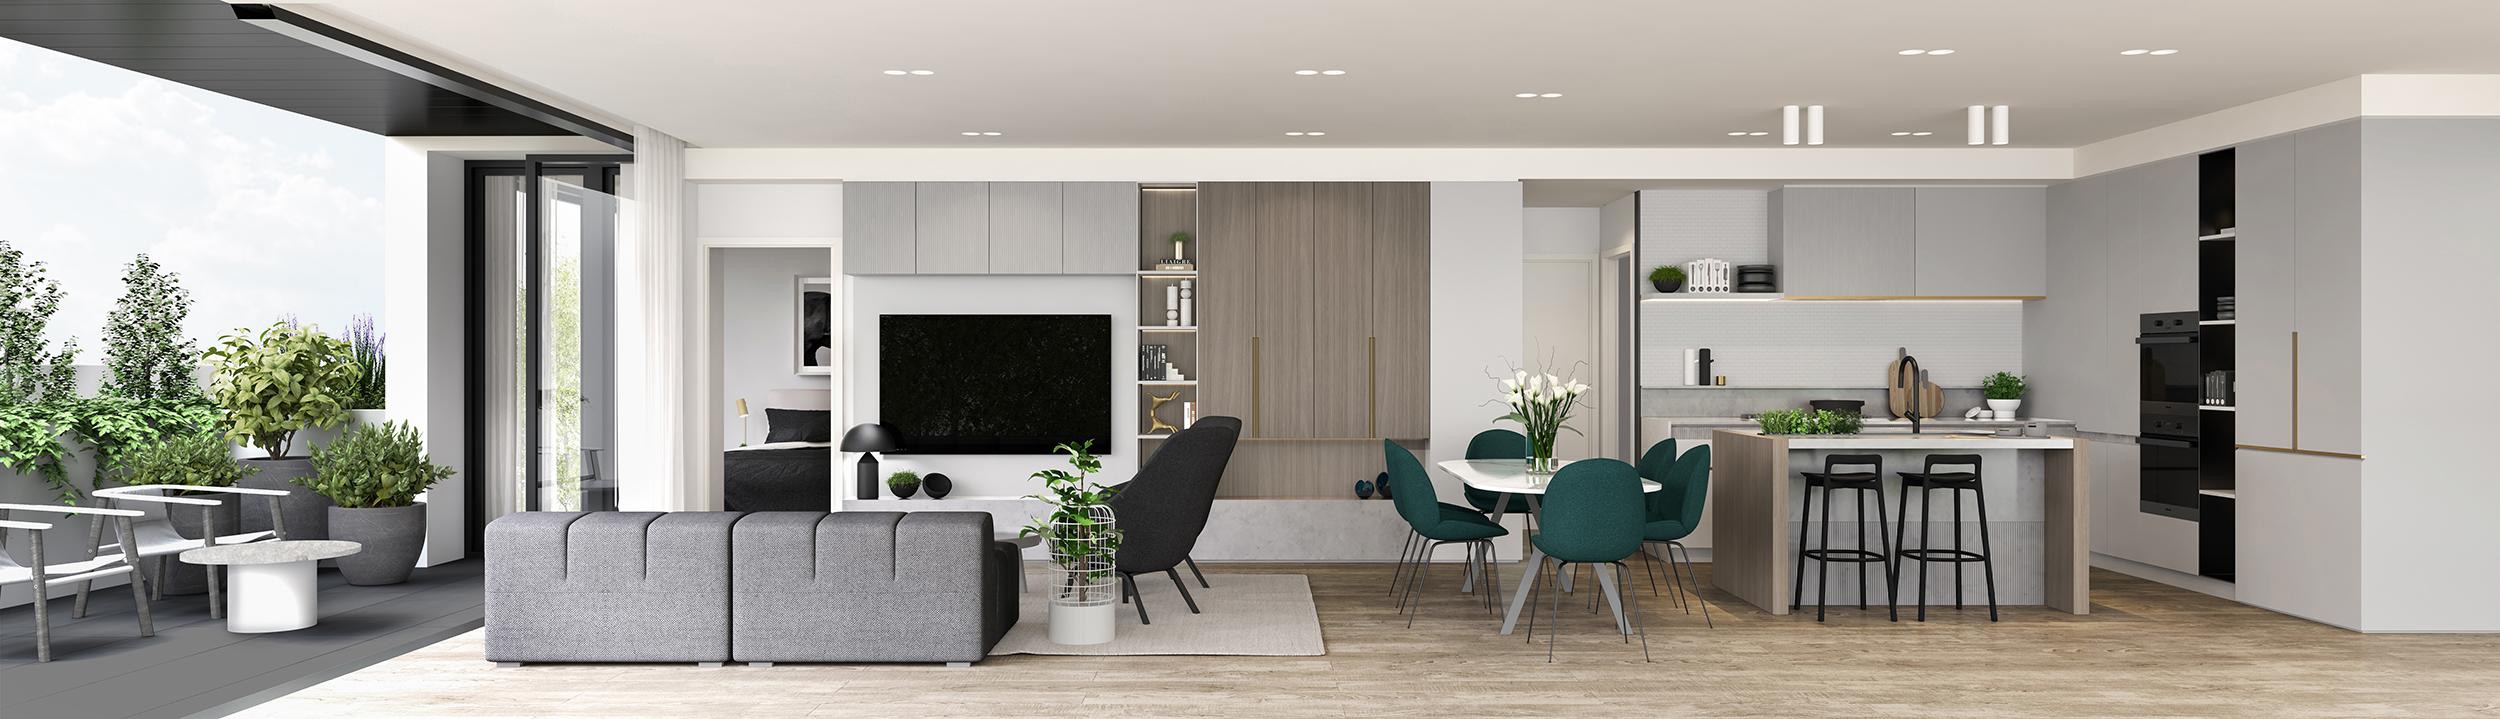 Well St - Apartment 3 - Living - Section Light MR.jpg